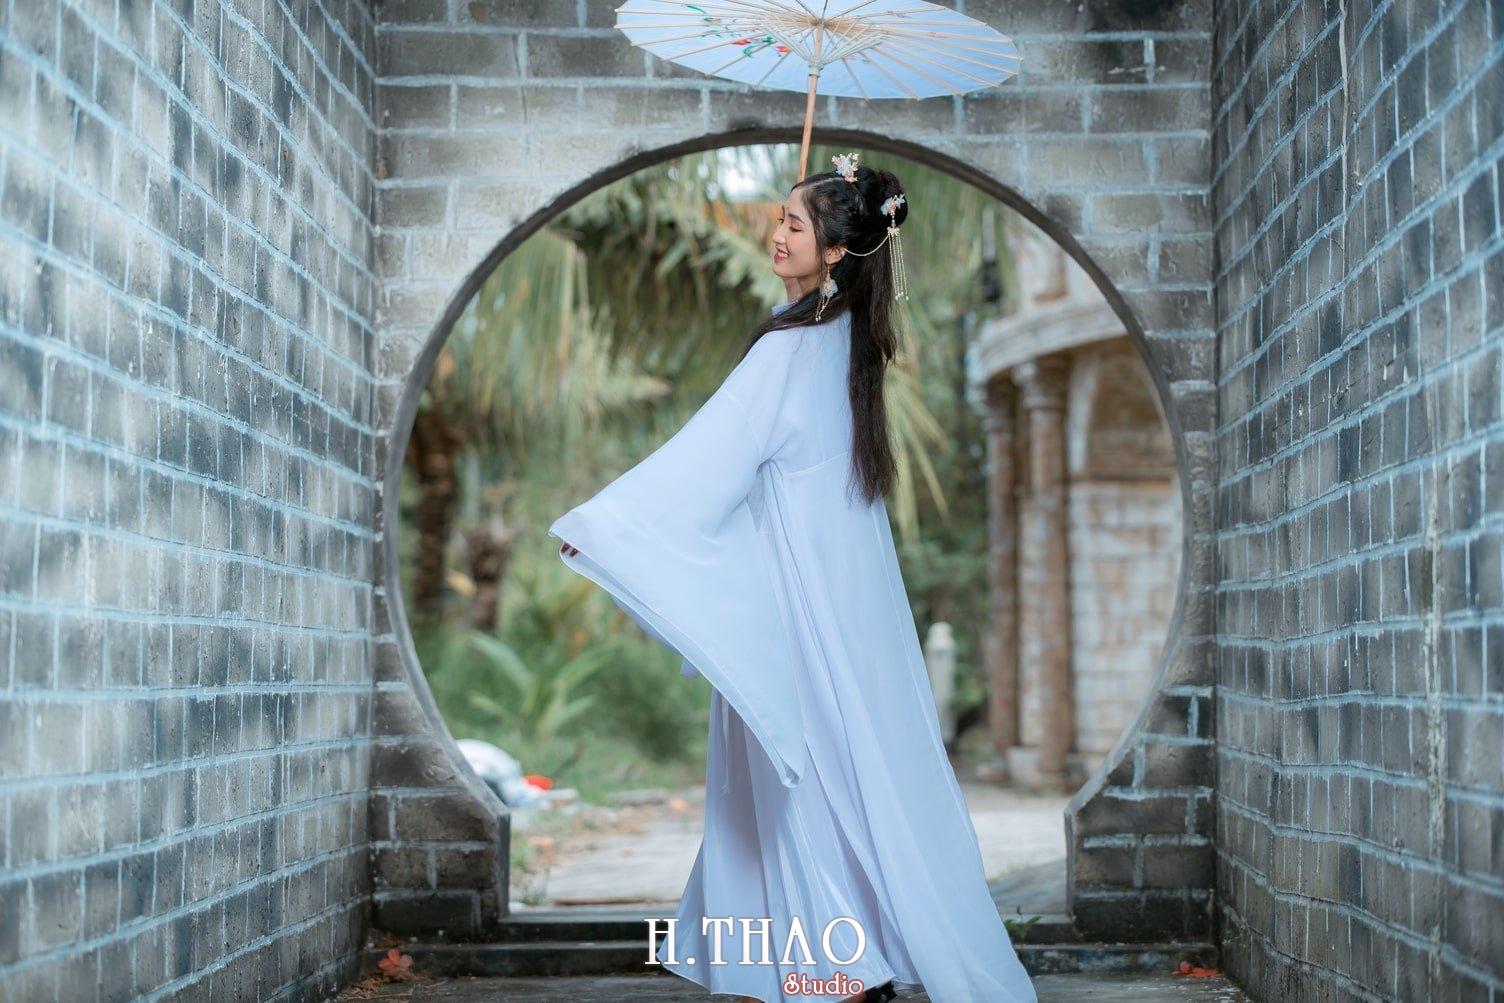 Anh tieu long nu 6 - Bộ ảnh cổ trang chụp theo concept tiểu long nữ nhẹ nhàng - HThao Studio